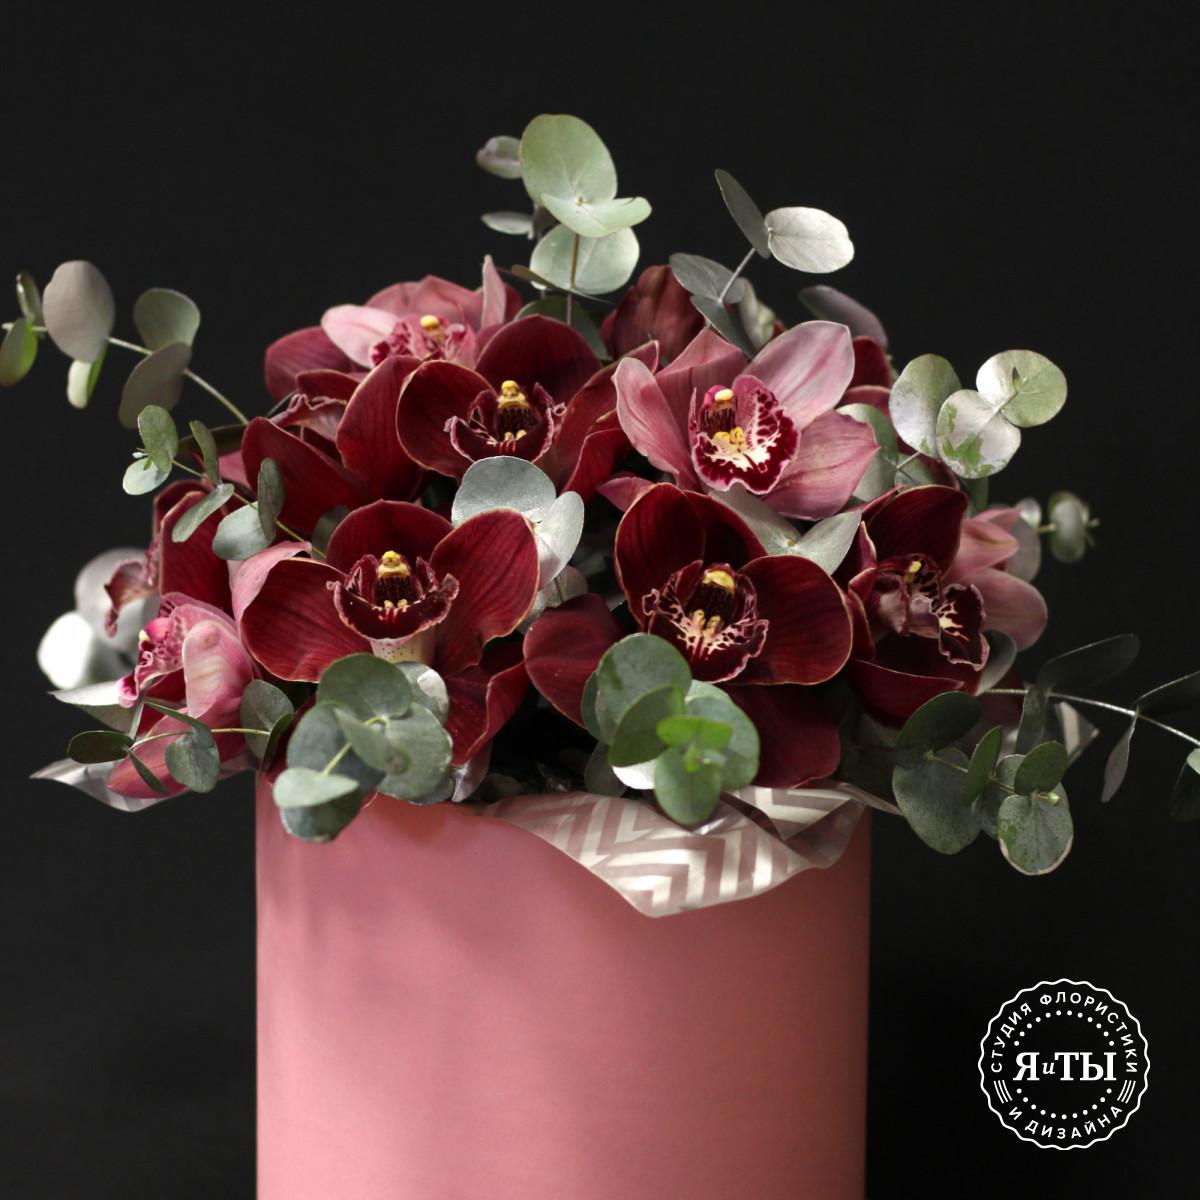 Композиция в шляпной коробке из разных орхидей